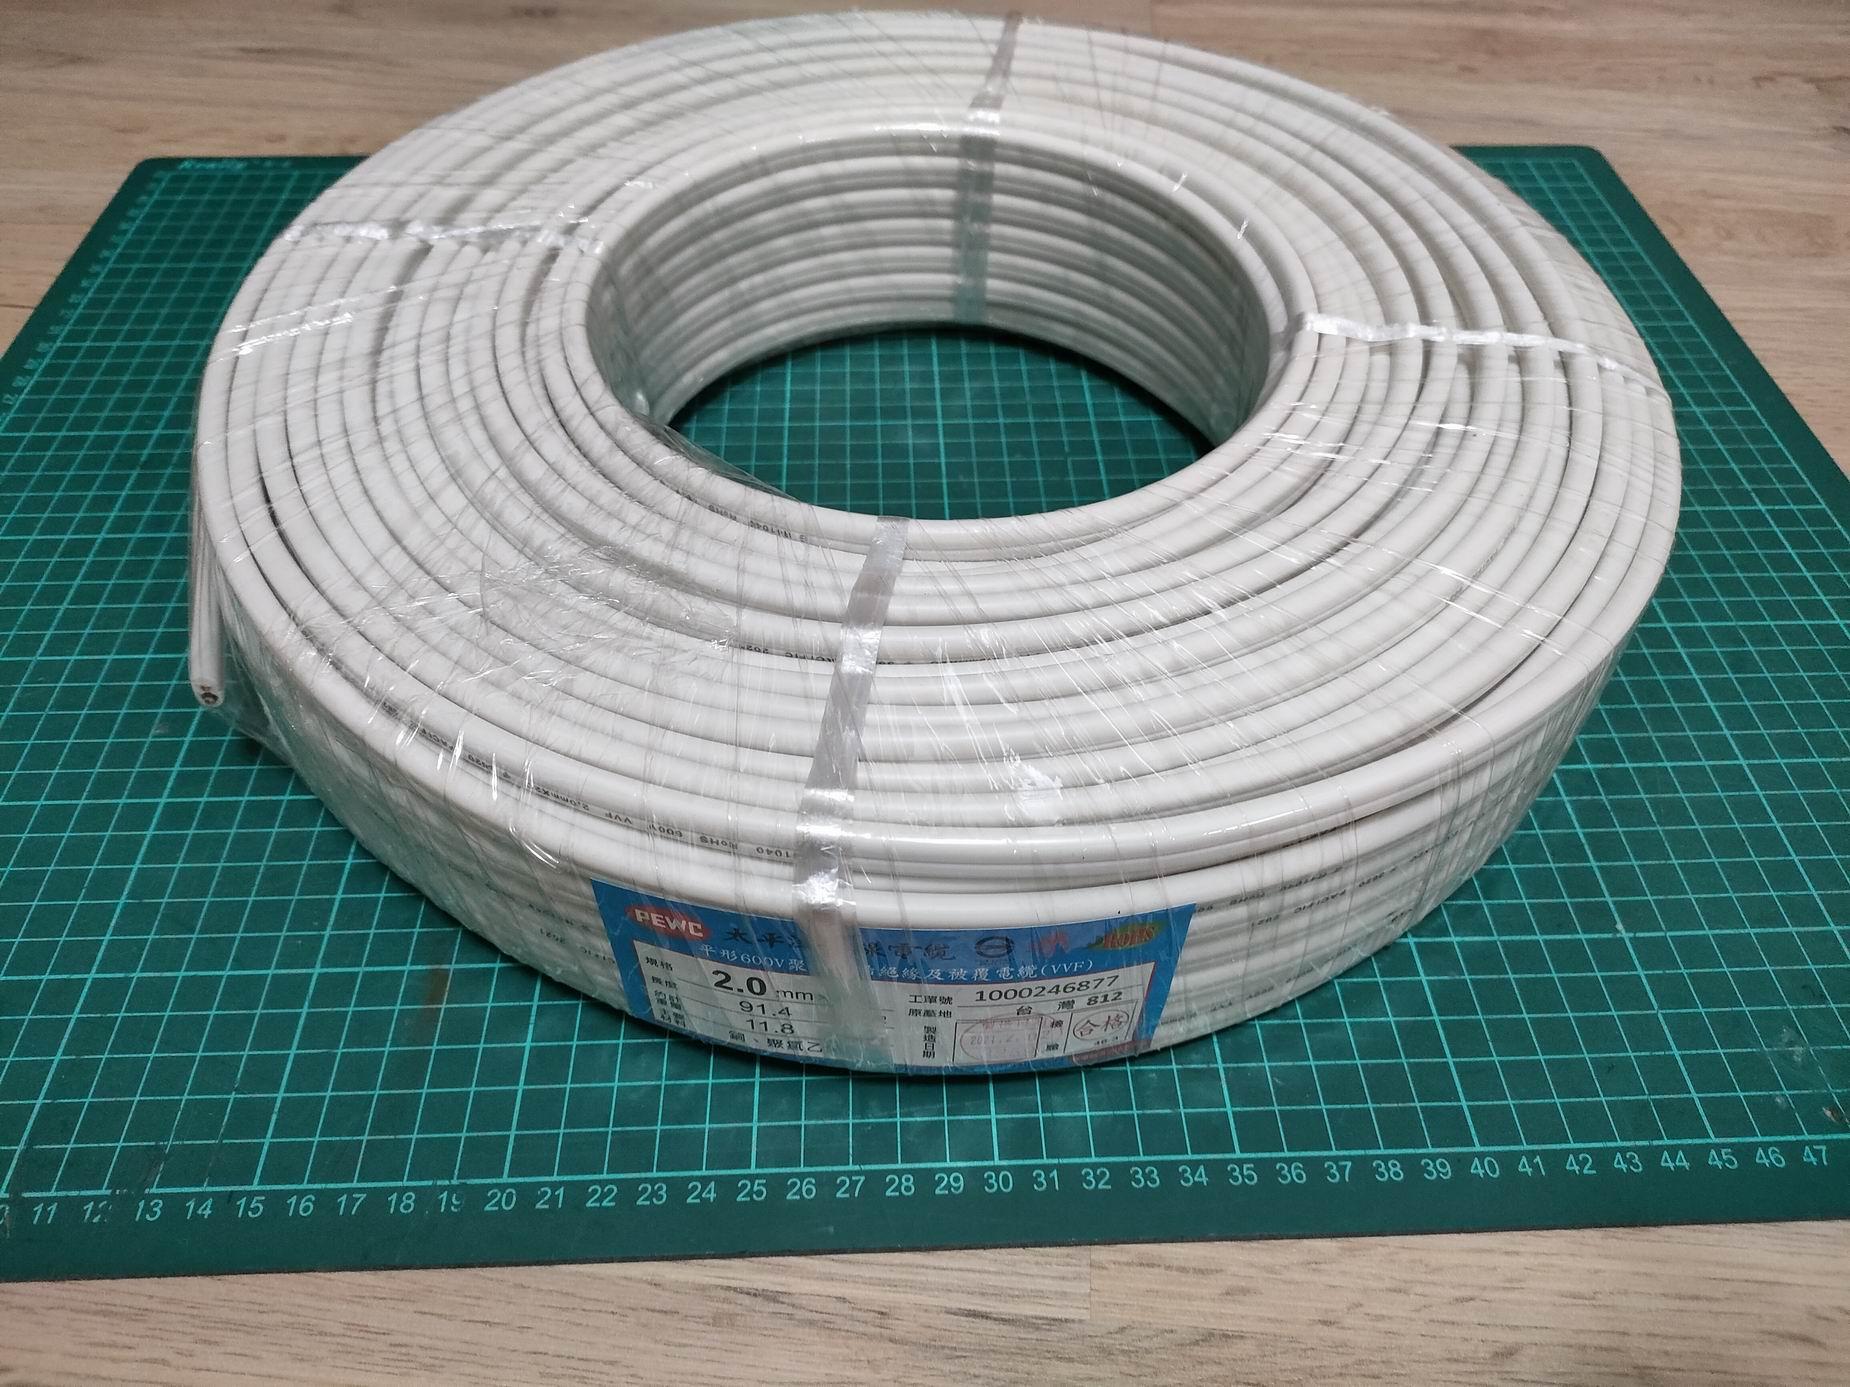 全新品 2021年出廠 太平洋白扁線  2.0mm X 2C(單芯線)白扁線 整卷 91公尺